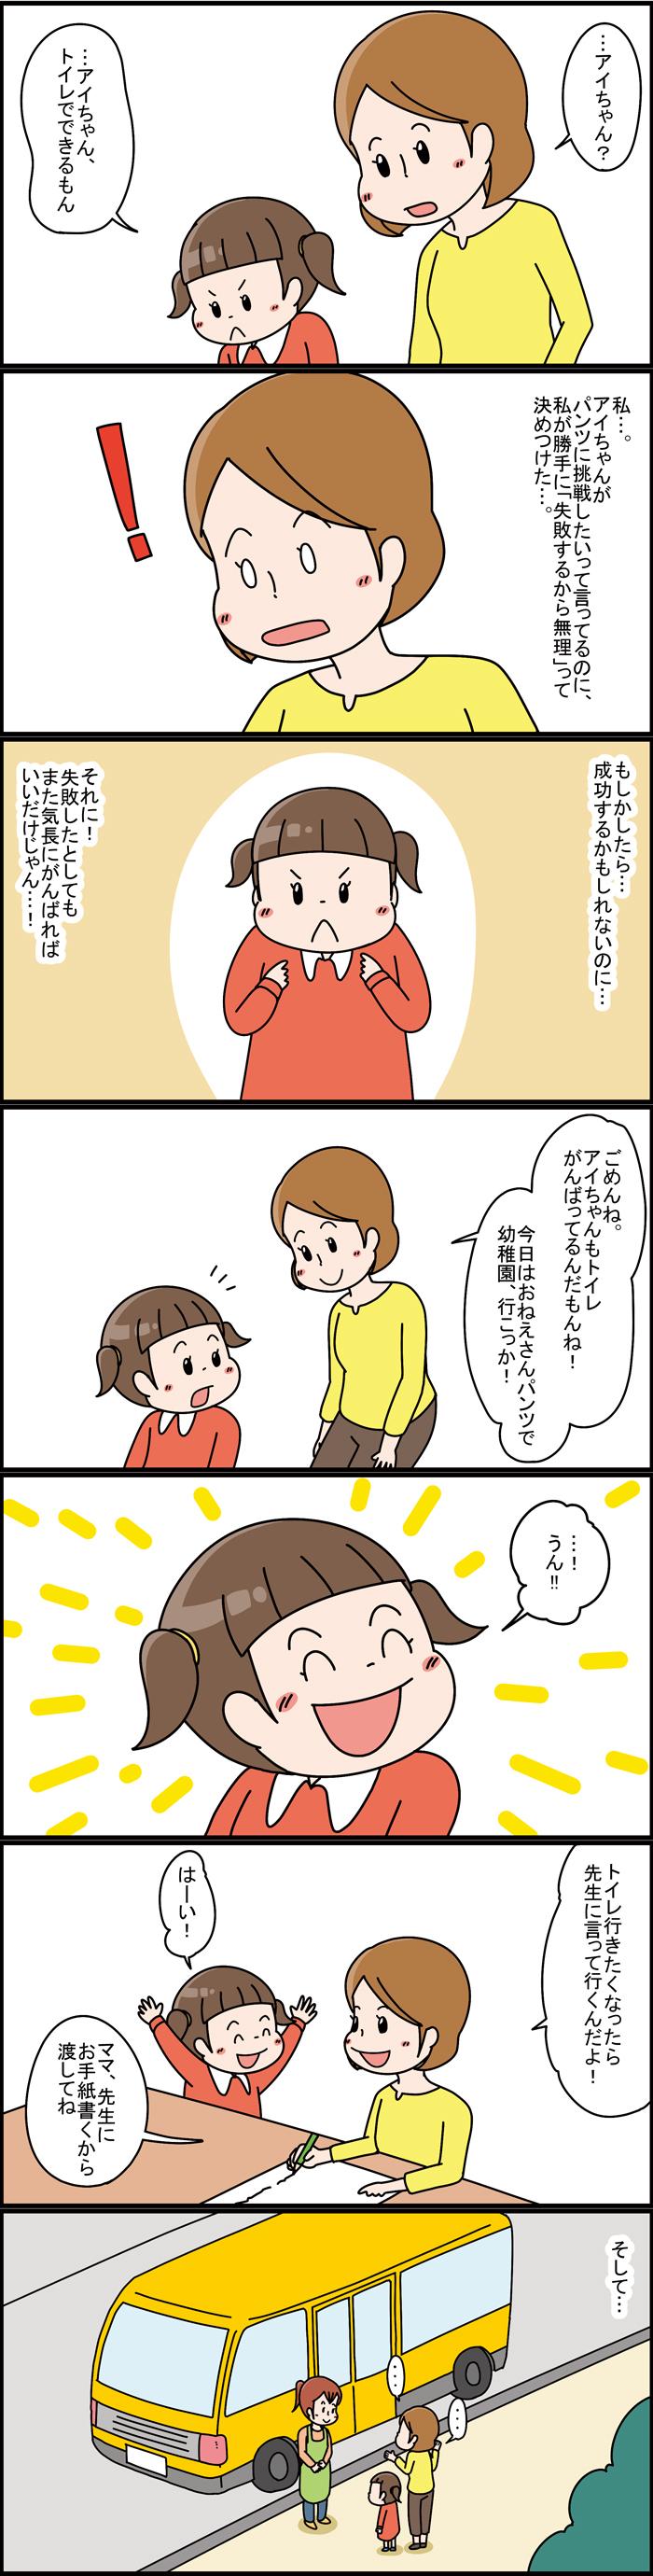 「おねえさんパンツで幼稚園いく!」にどう応える?トイトレの極意の画像3